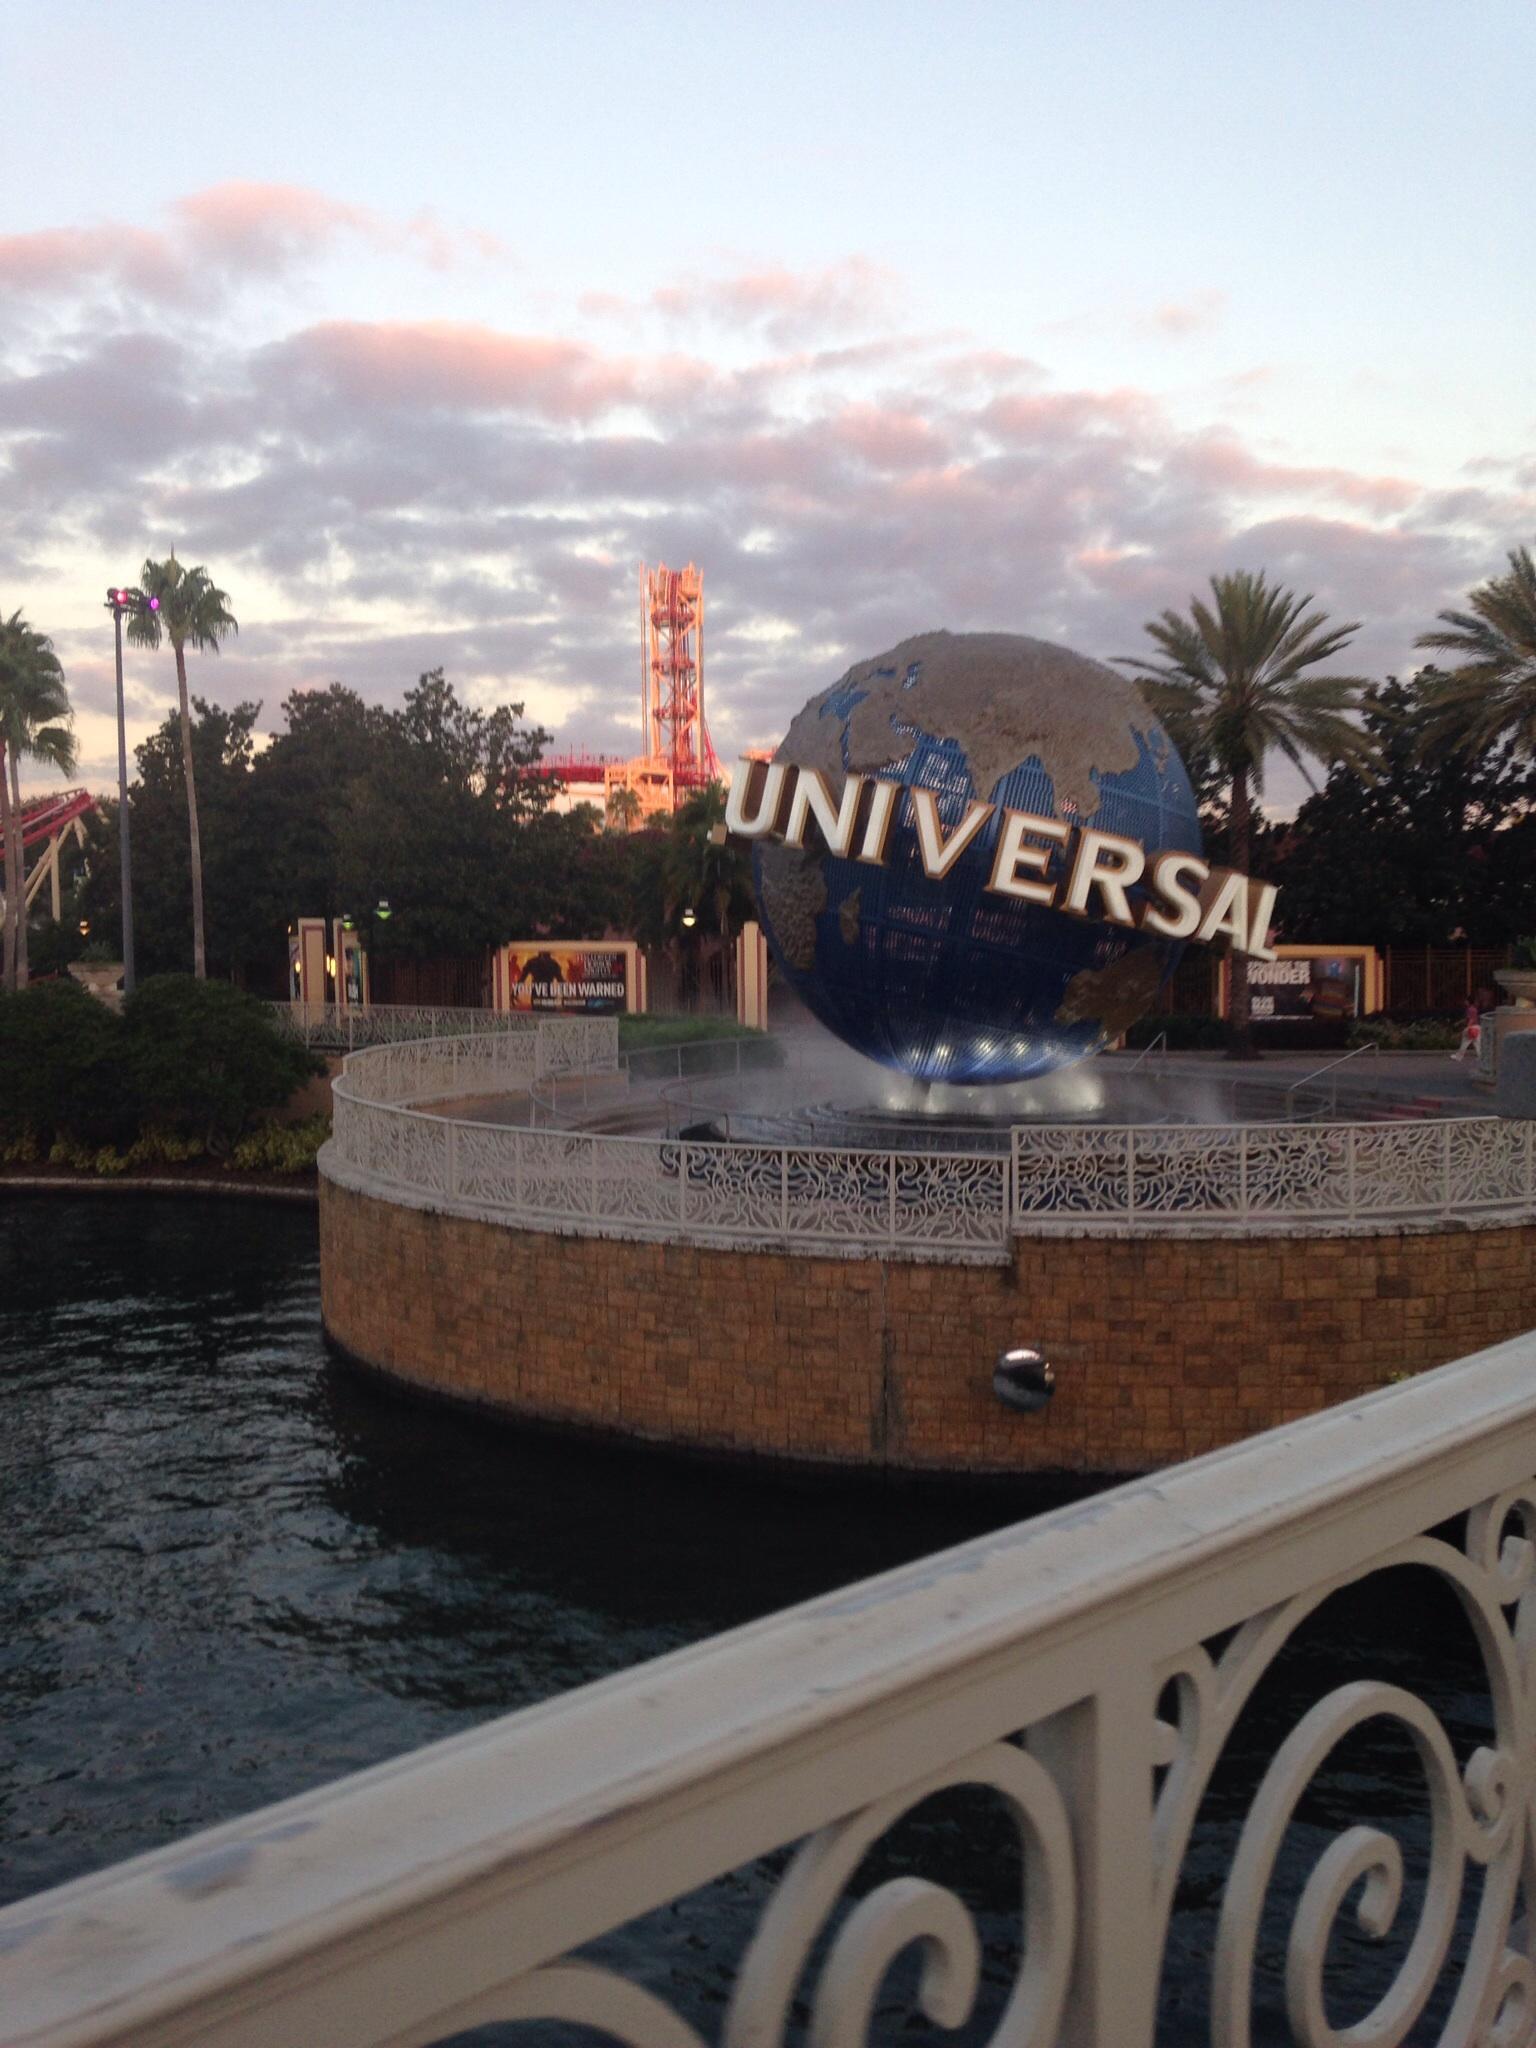 New-York- Universal - WDW ---> octobre 2014 un séjour inoubliable  587880image348